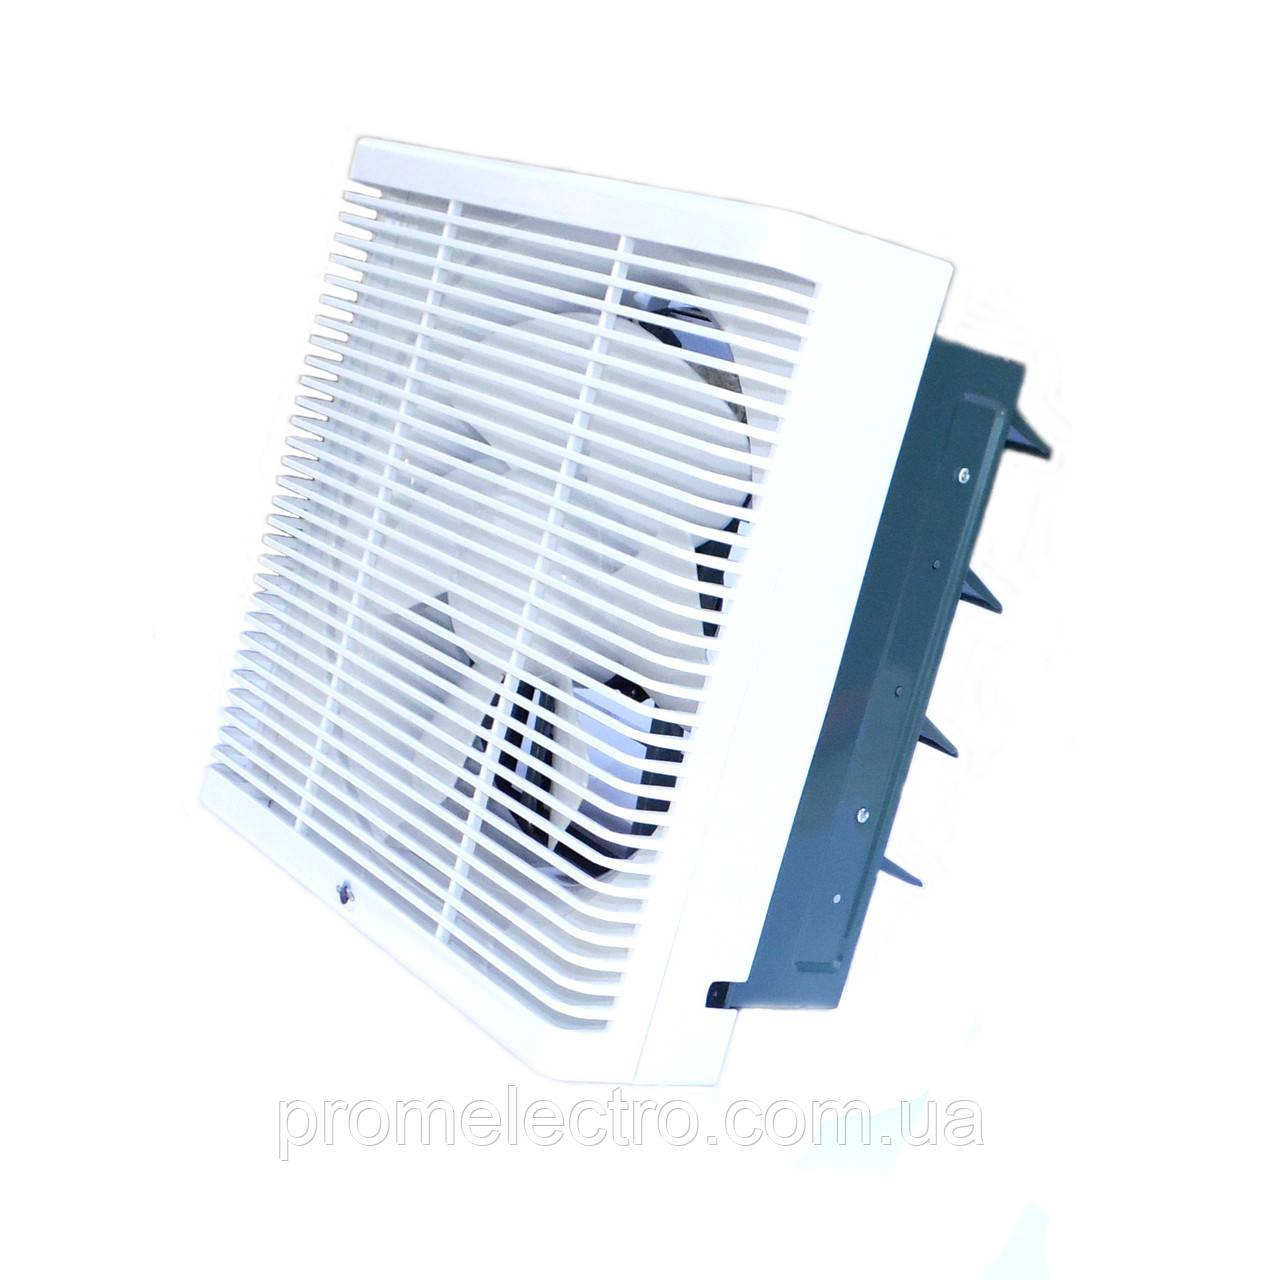 Осевой реверсивный оконный вентилятор ОВР 200